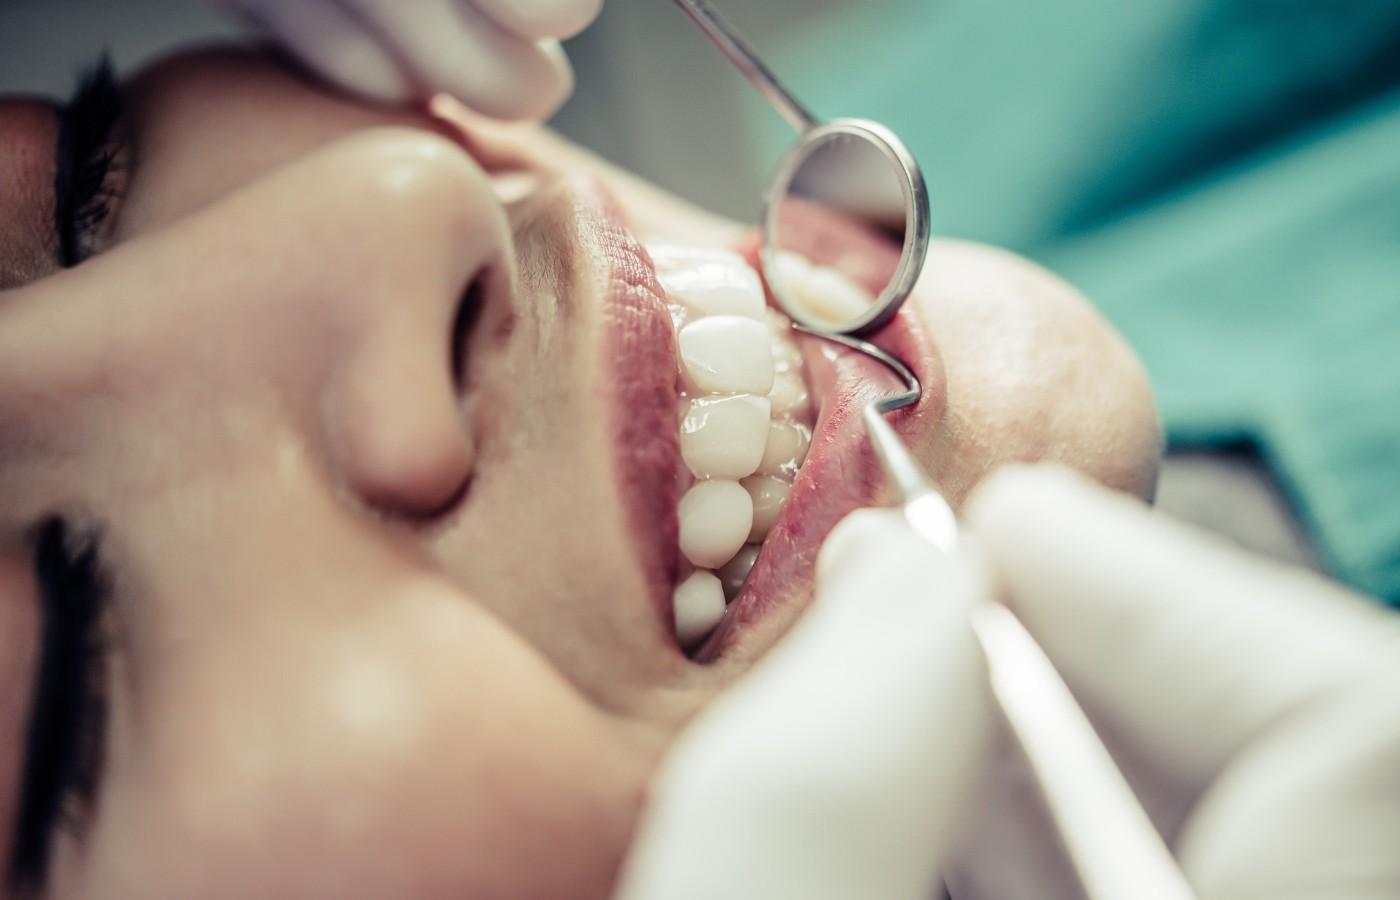 پوسیدگی دندان جلو به چه علتهایی ایجاد میشود